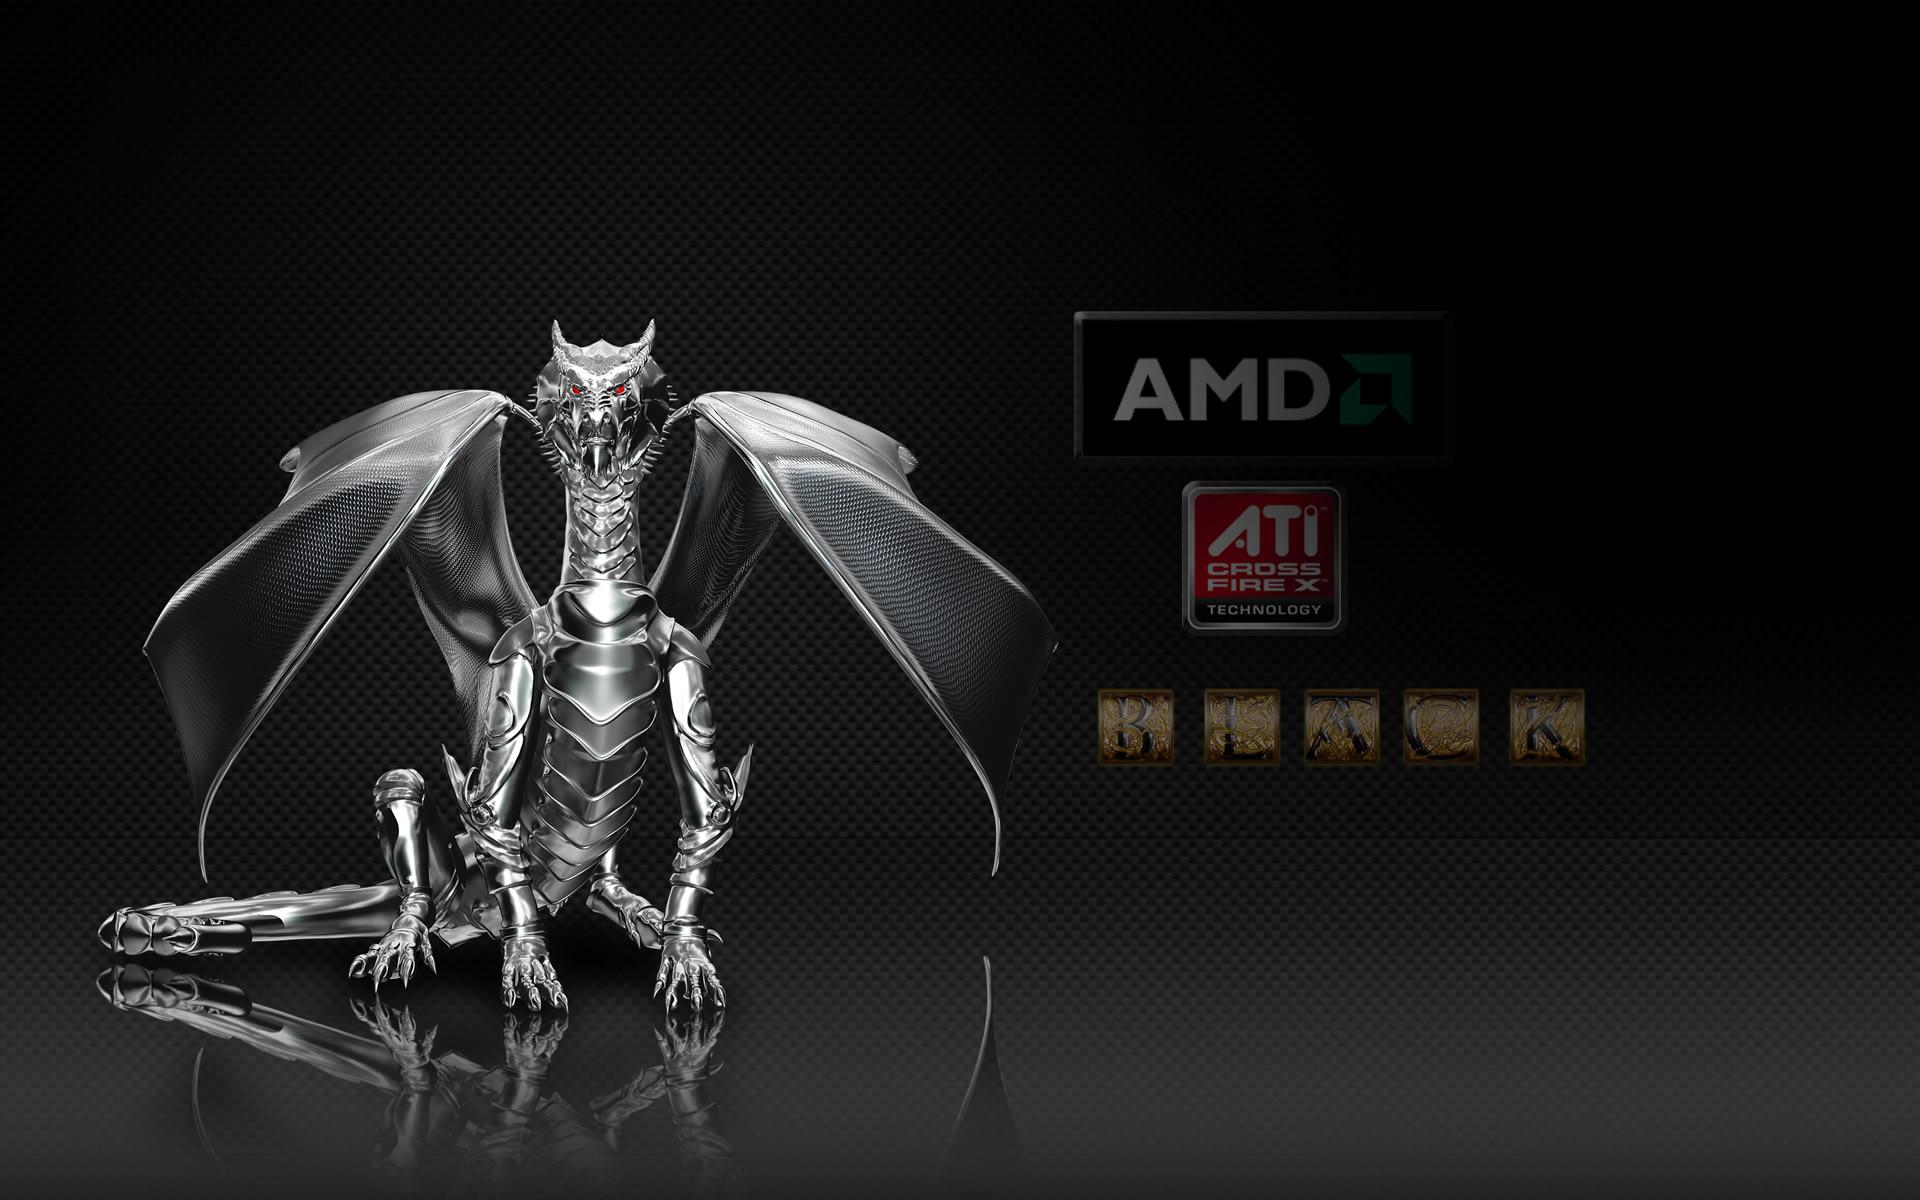 Dragon AMD Computer HD desktop wallpaper, AMD wallpaper – Computers no.